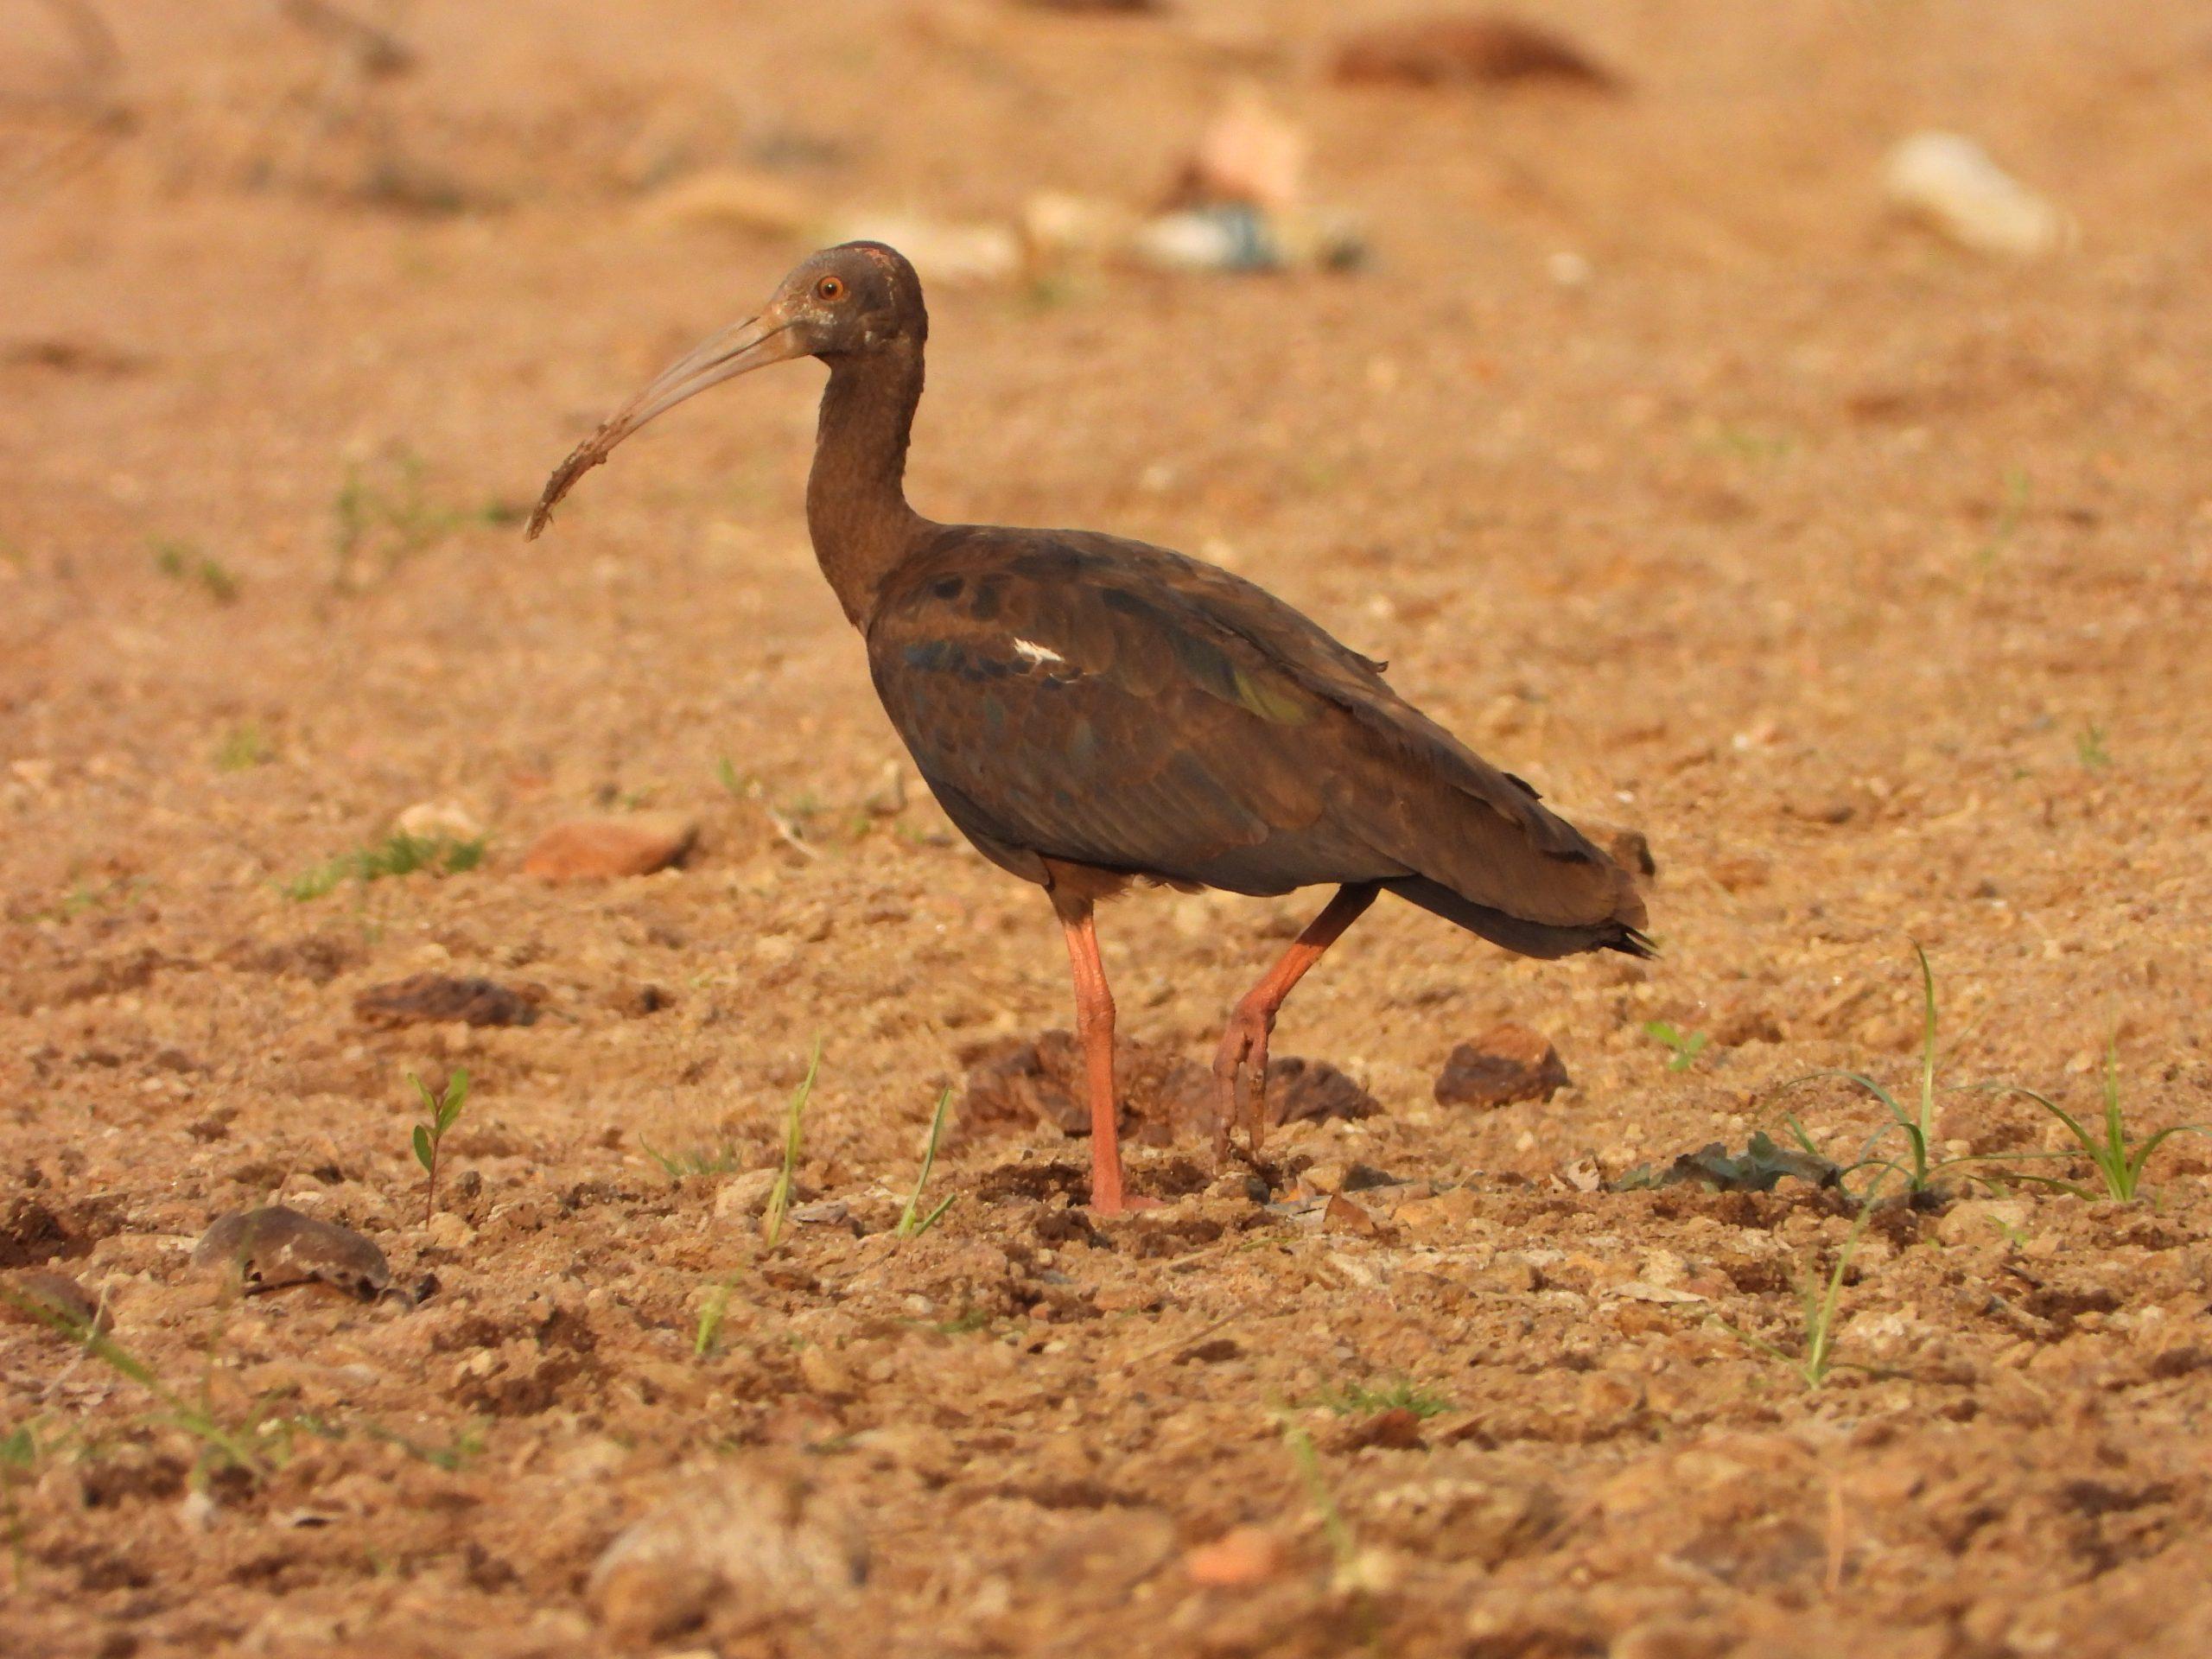 An Ibis bird